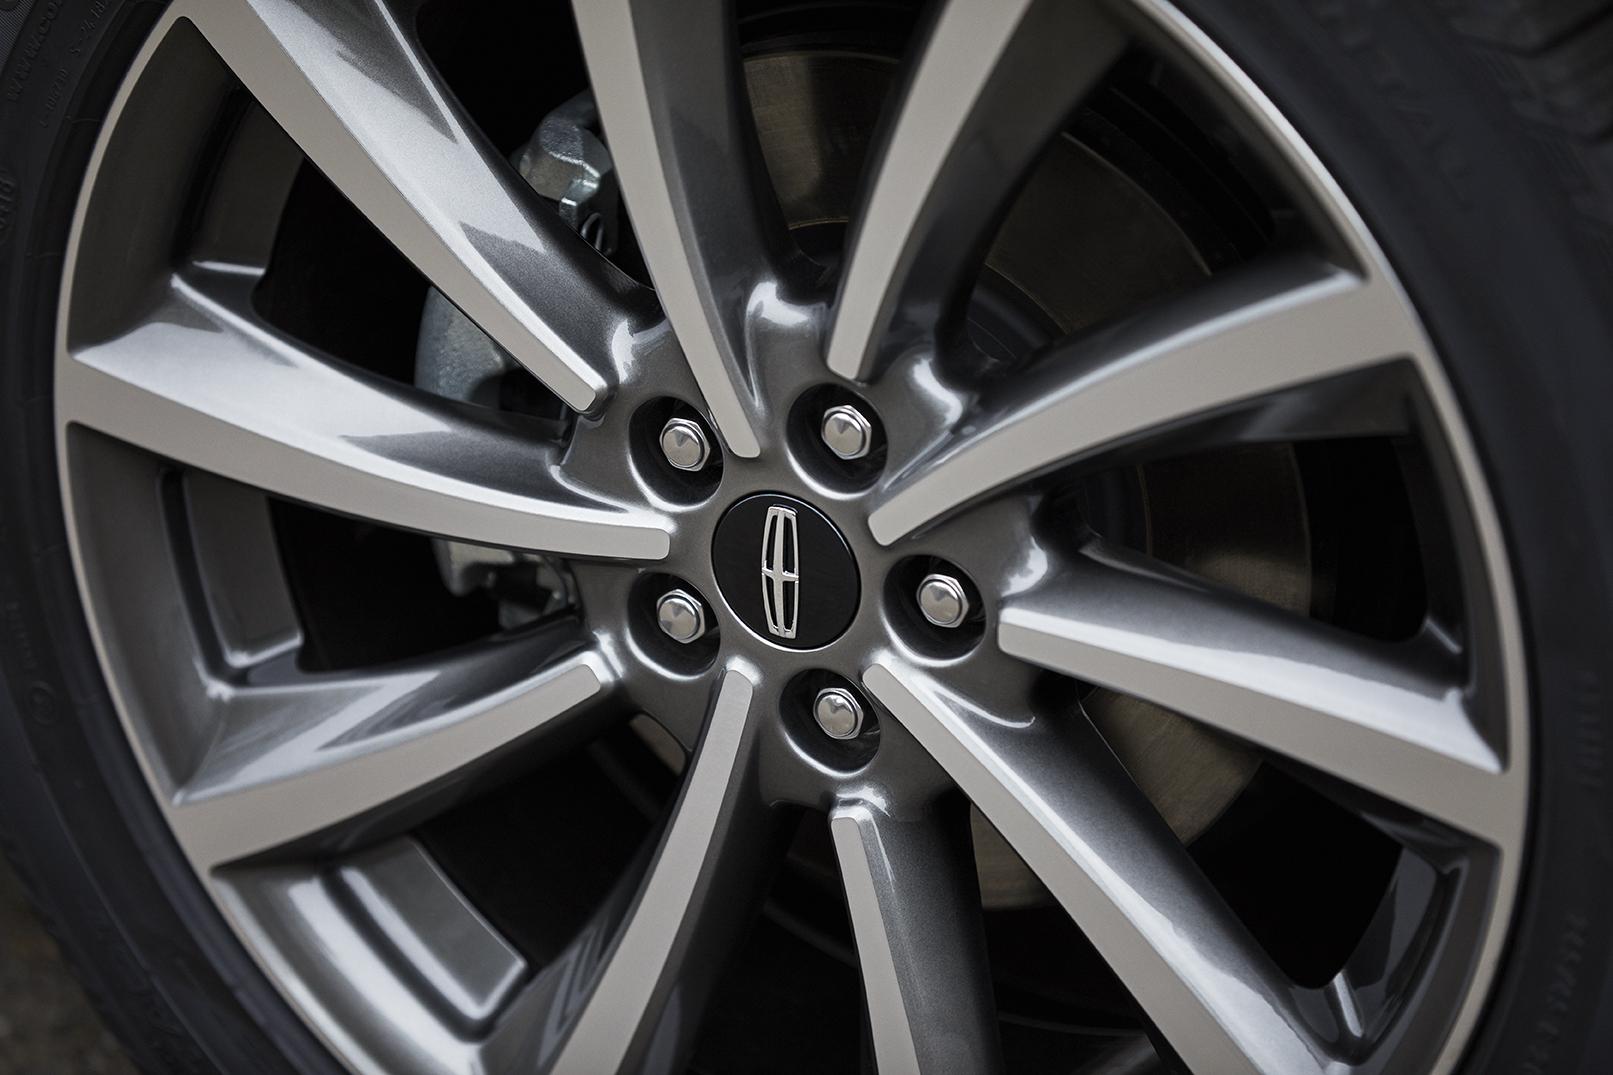 2020 Lincoln Corsair wheel detail